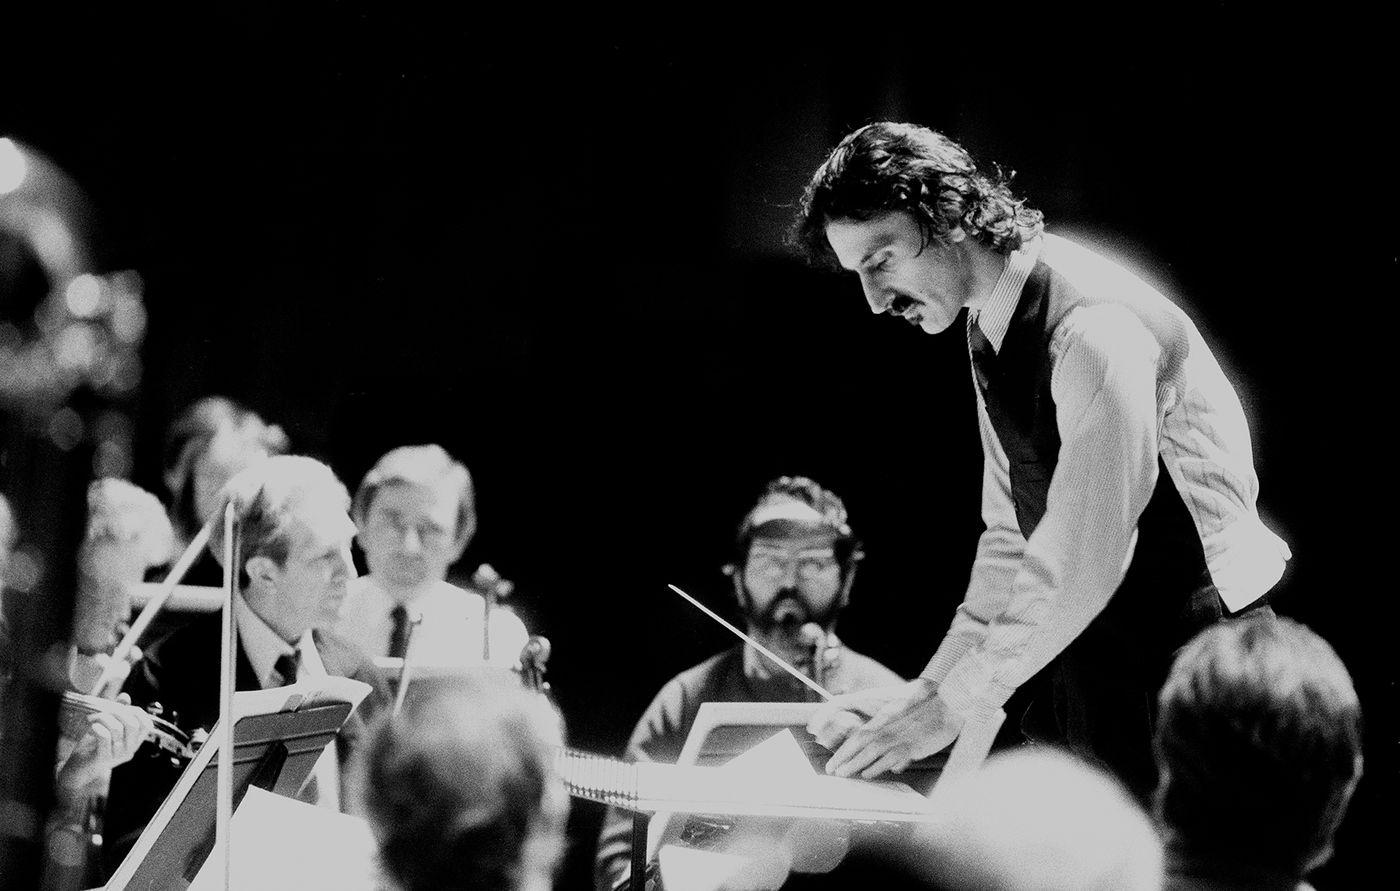 Zappa conduce una orquesta en el Barbican londinense: la vanguardia, siempre en el punto de mira. Foto: Michael Putland (Getty Images)